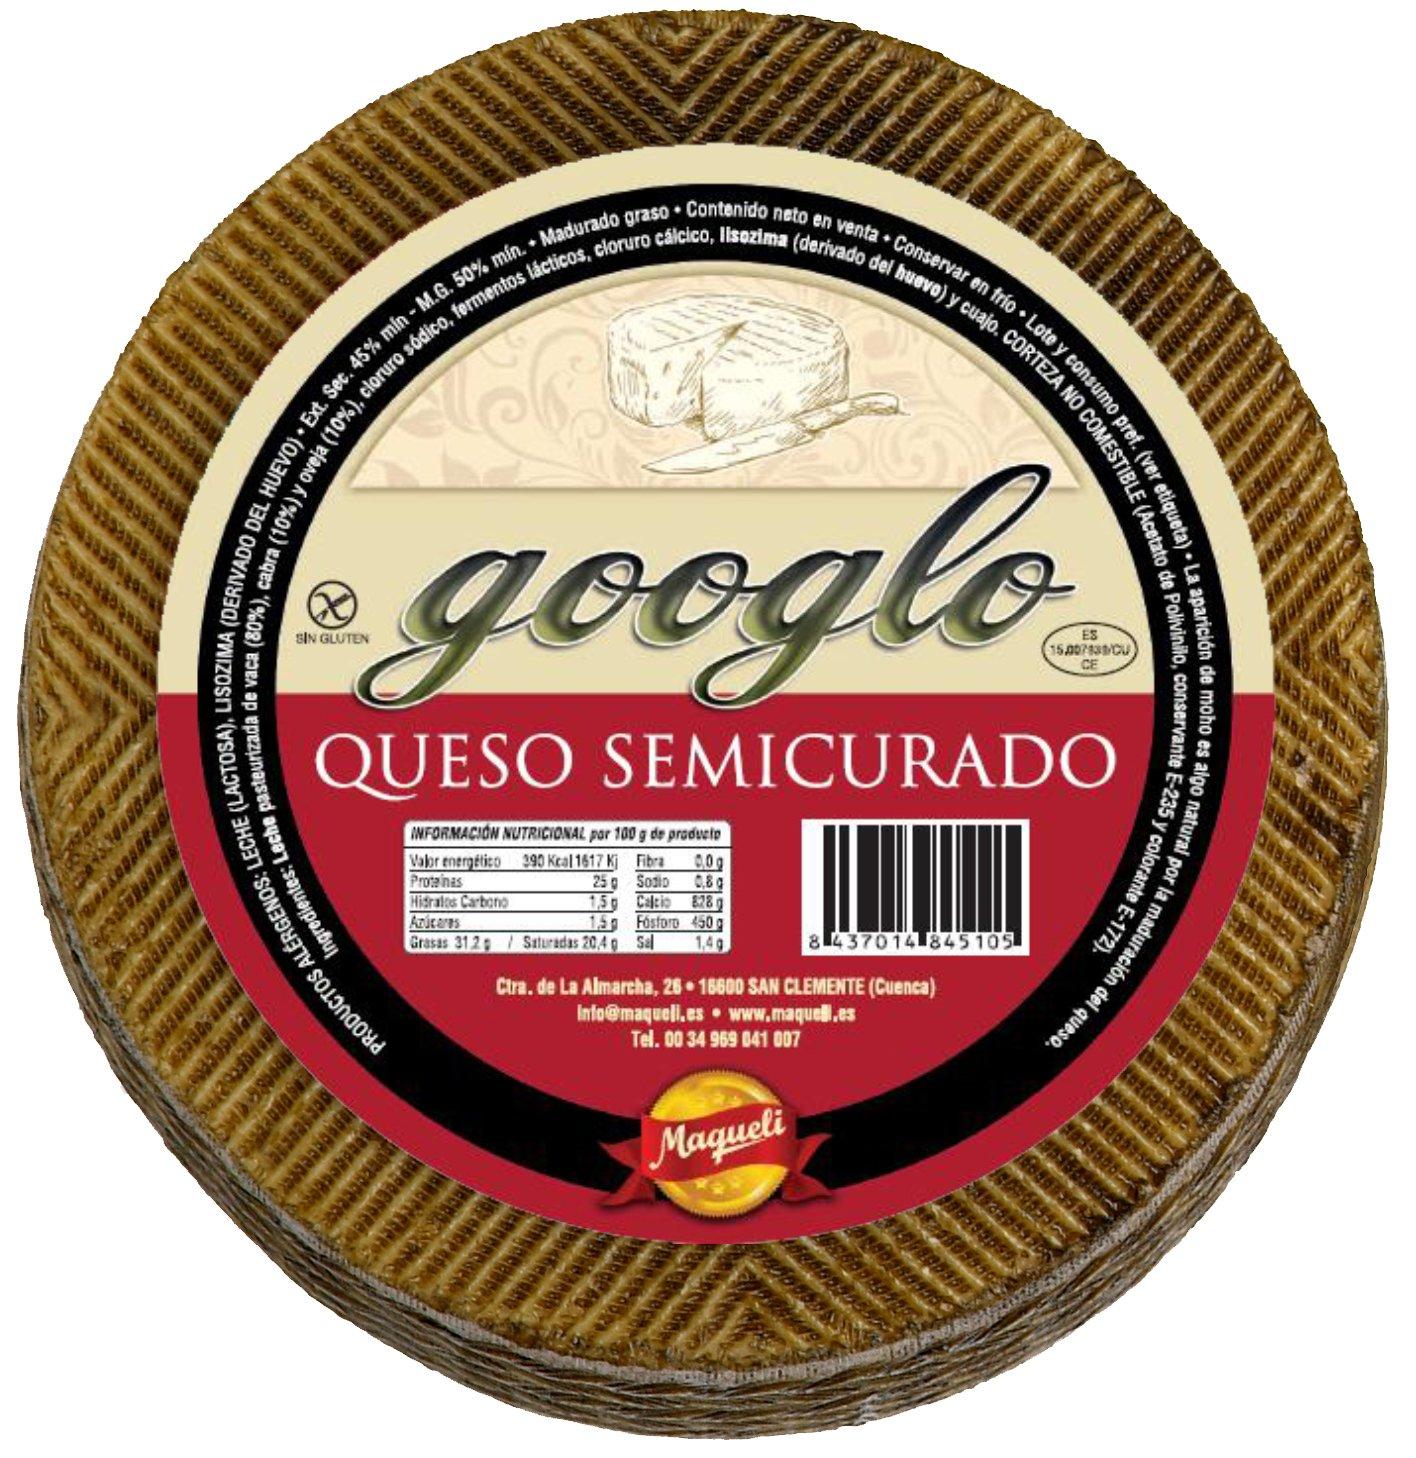 Queso Cremoso de La Mancha - Googlo Semicurado Formato Mini 1 KG: Amazon.es: Alimentación y bebidas